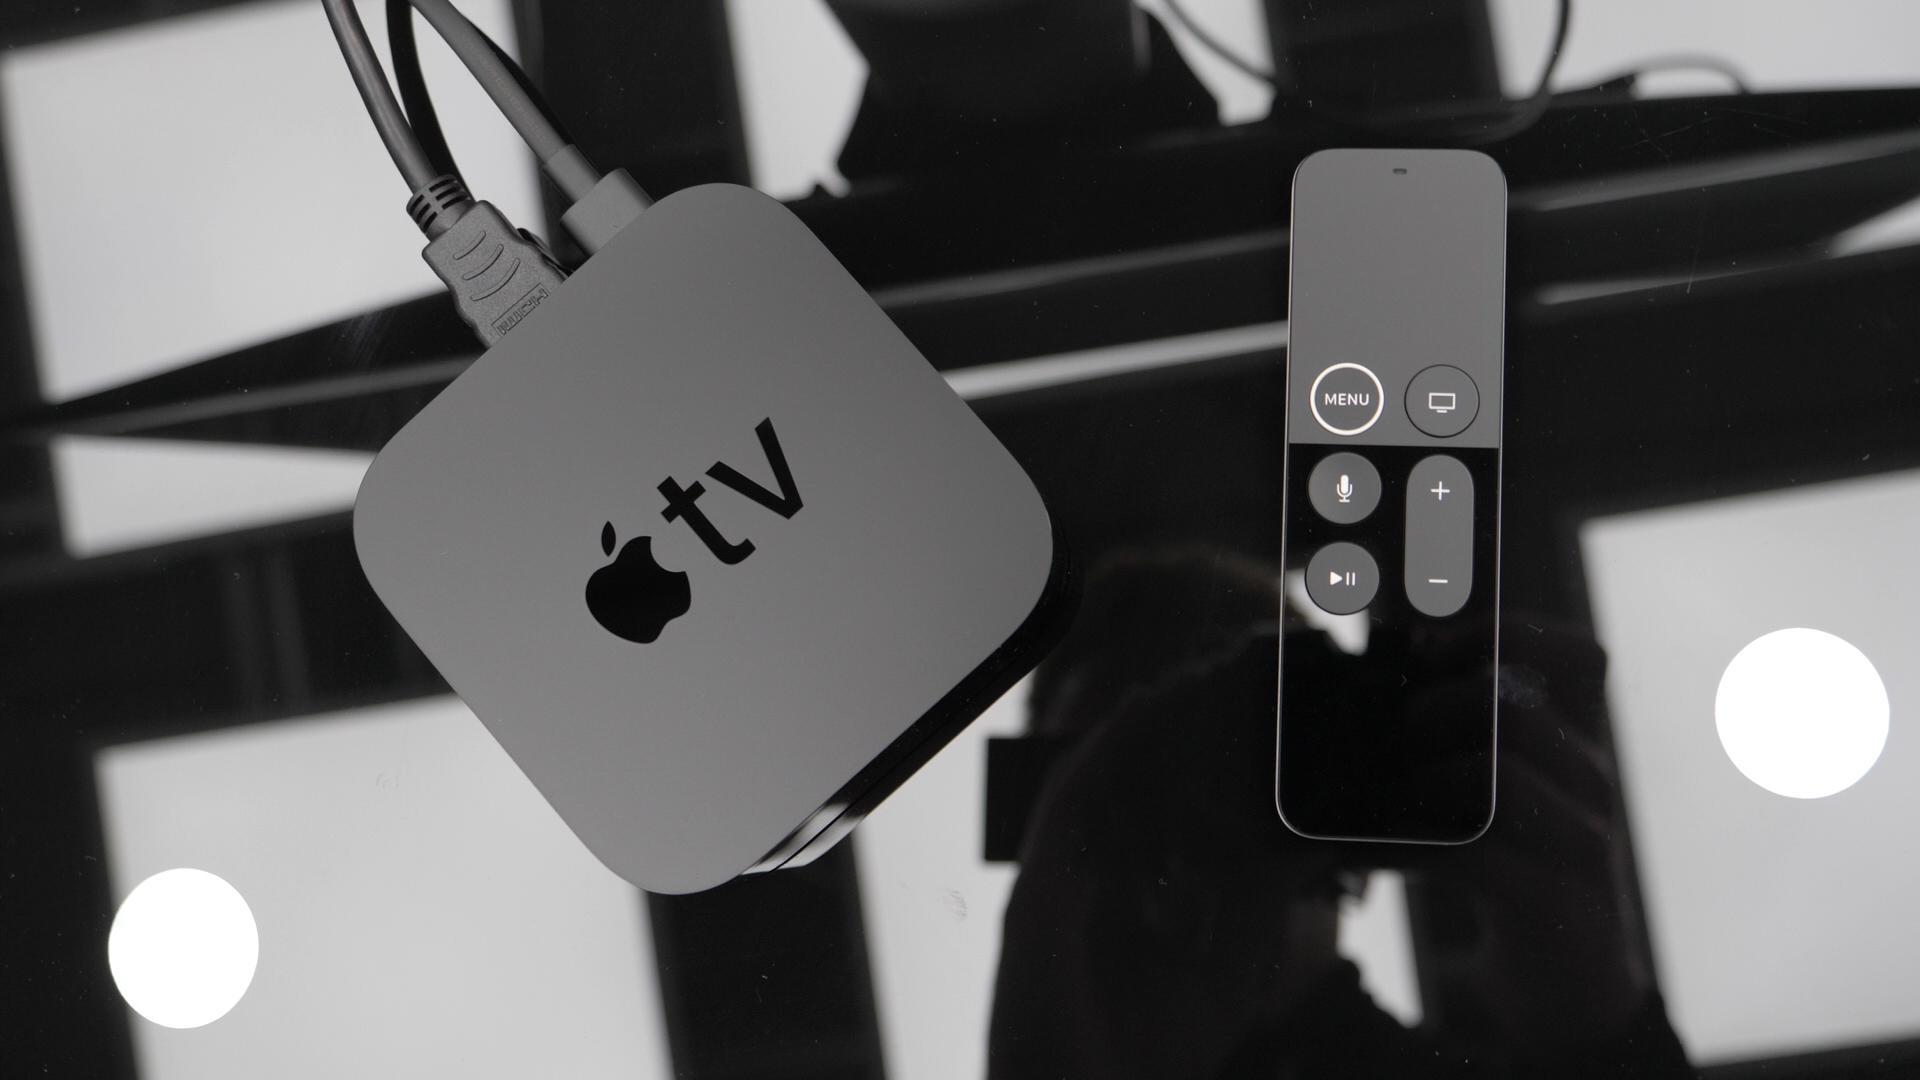 Apple ID vergessen - was tun?